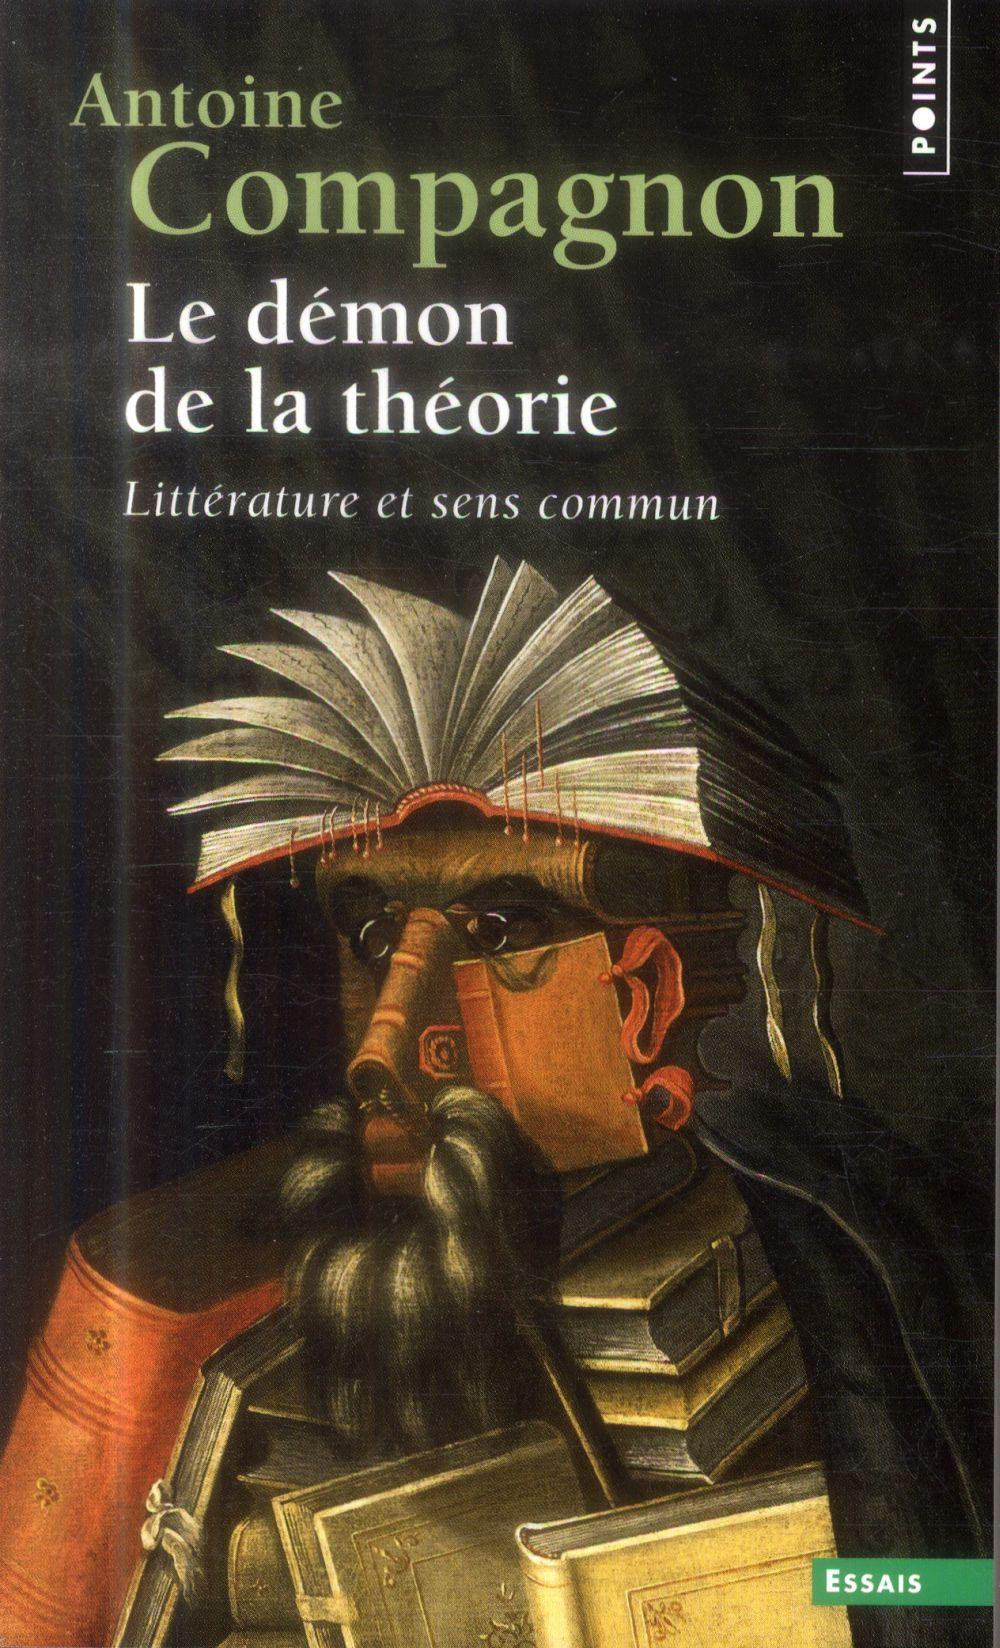 LE DEMON DE LA THEORIE. LITTER COMPAGNON ANTOINE POINTS